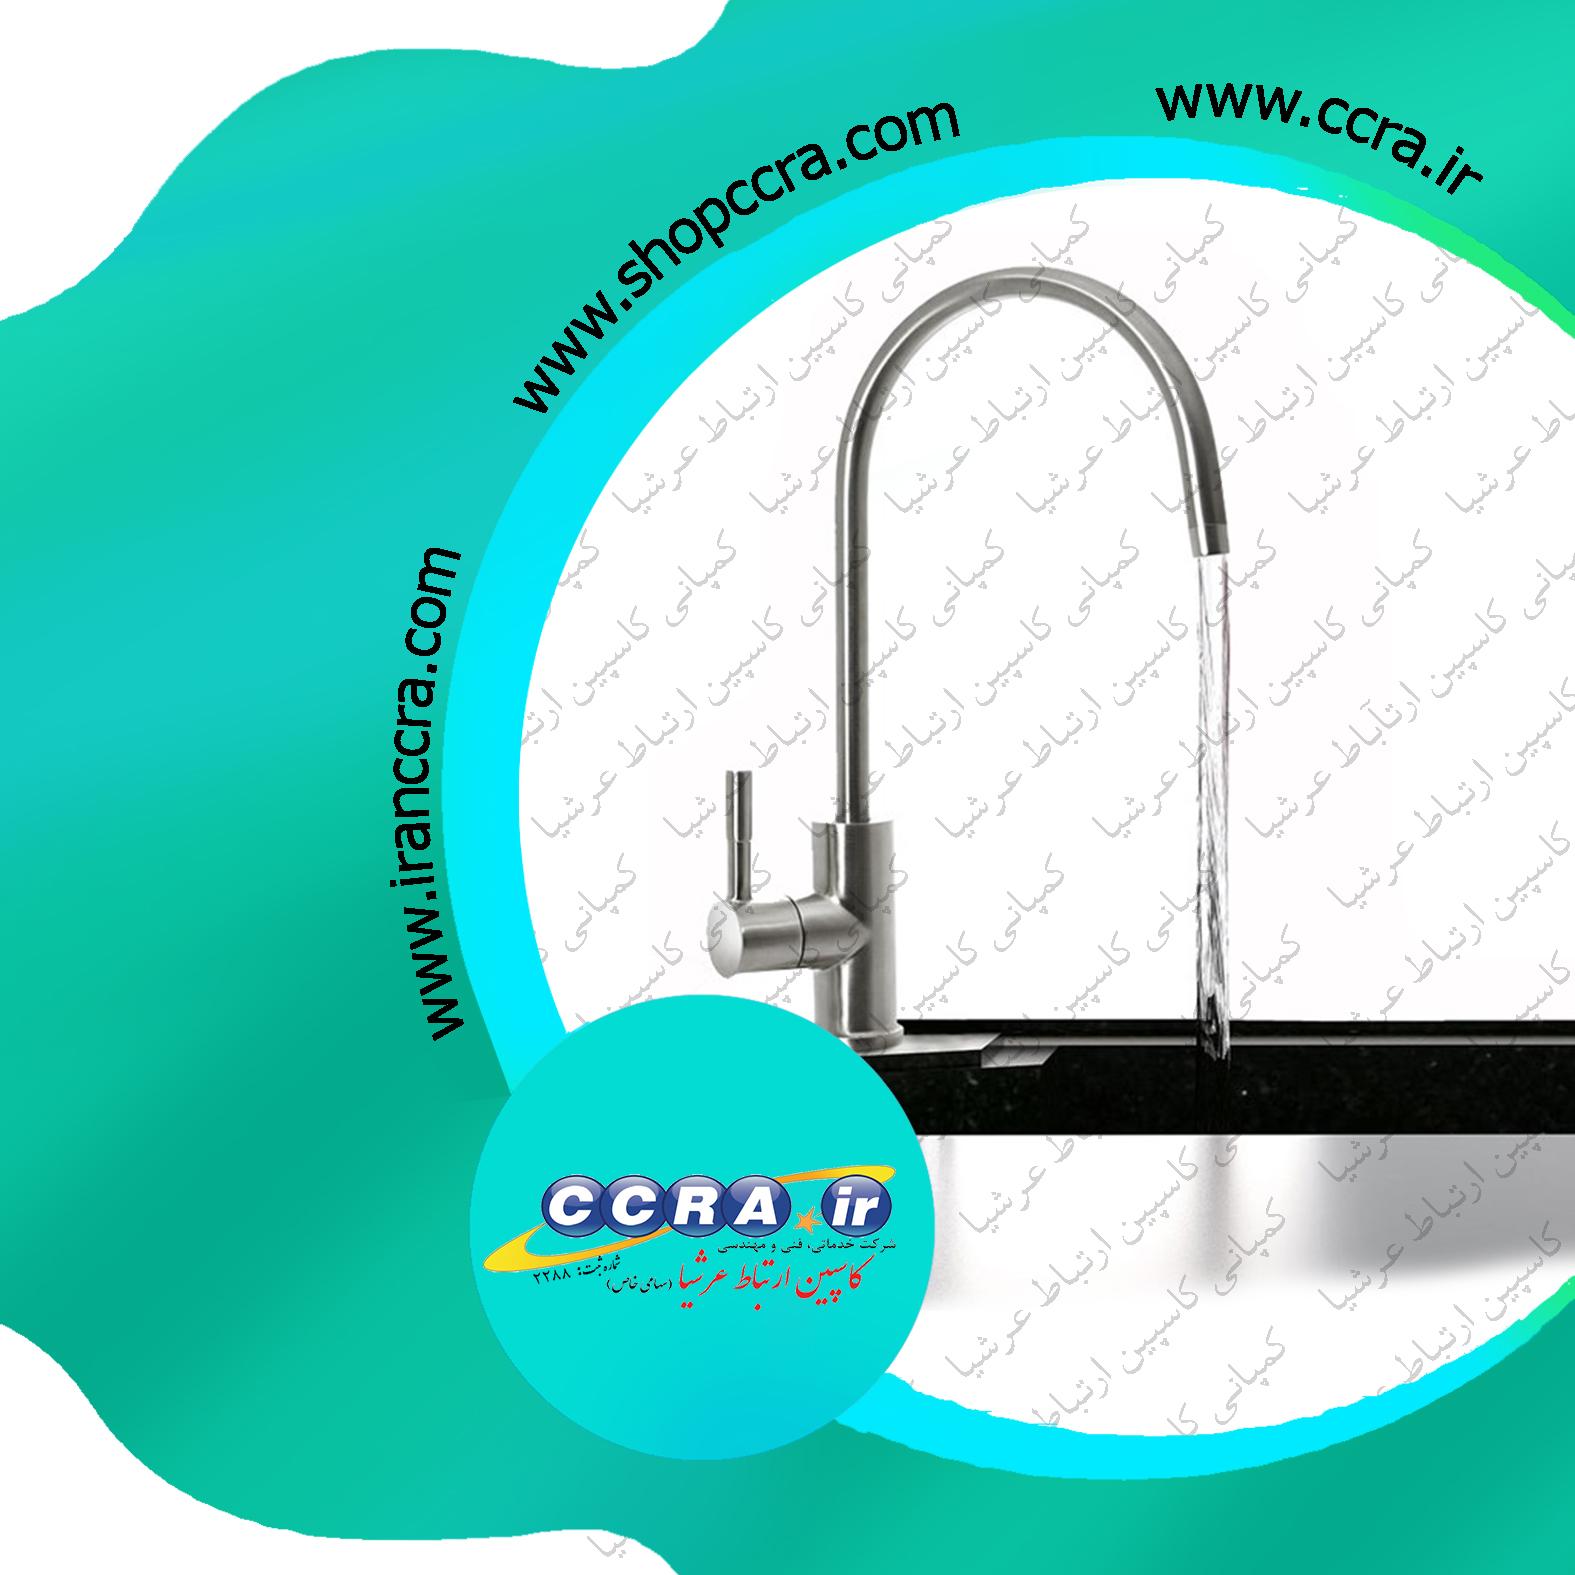 آب معدنی خروجی از دستگاه های تصفیه آب خانگی پیوری واتر